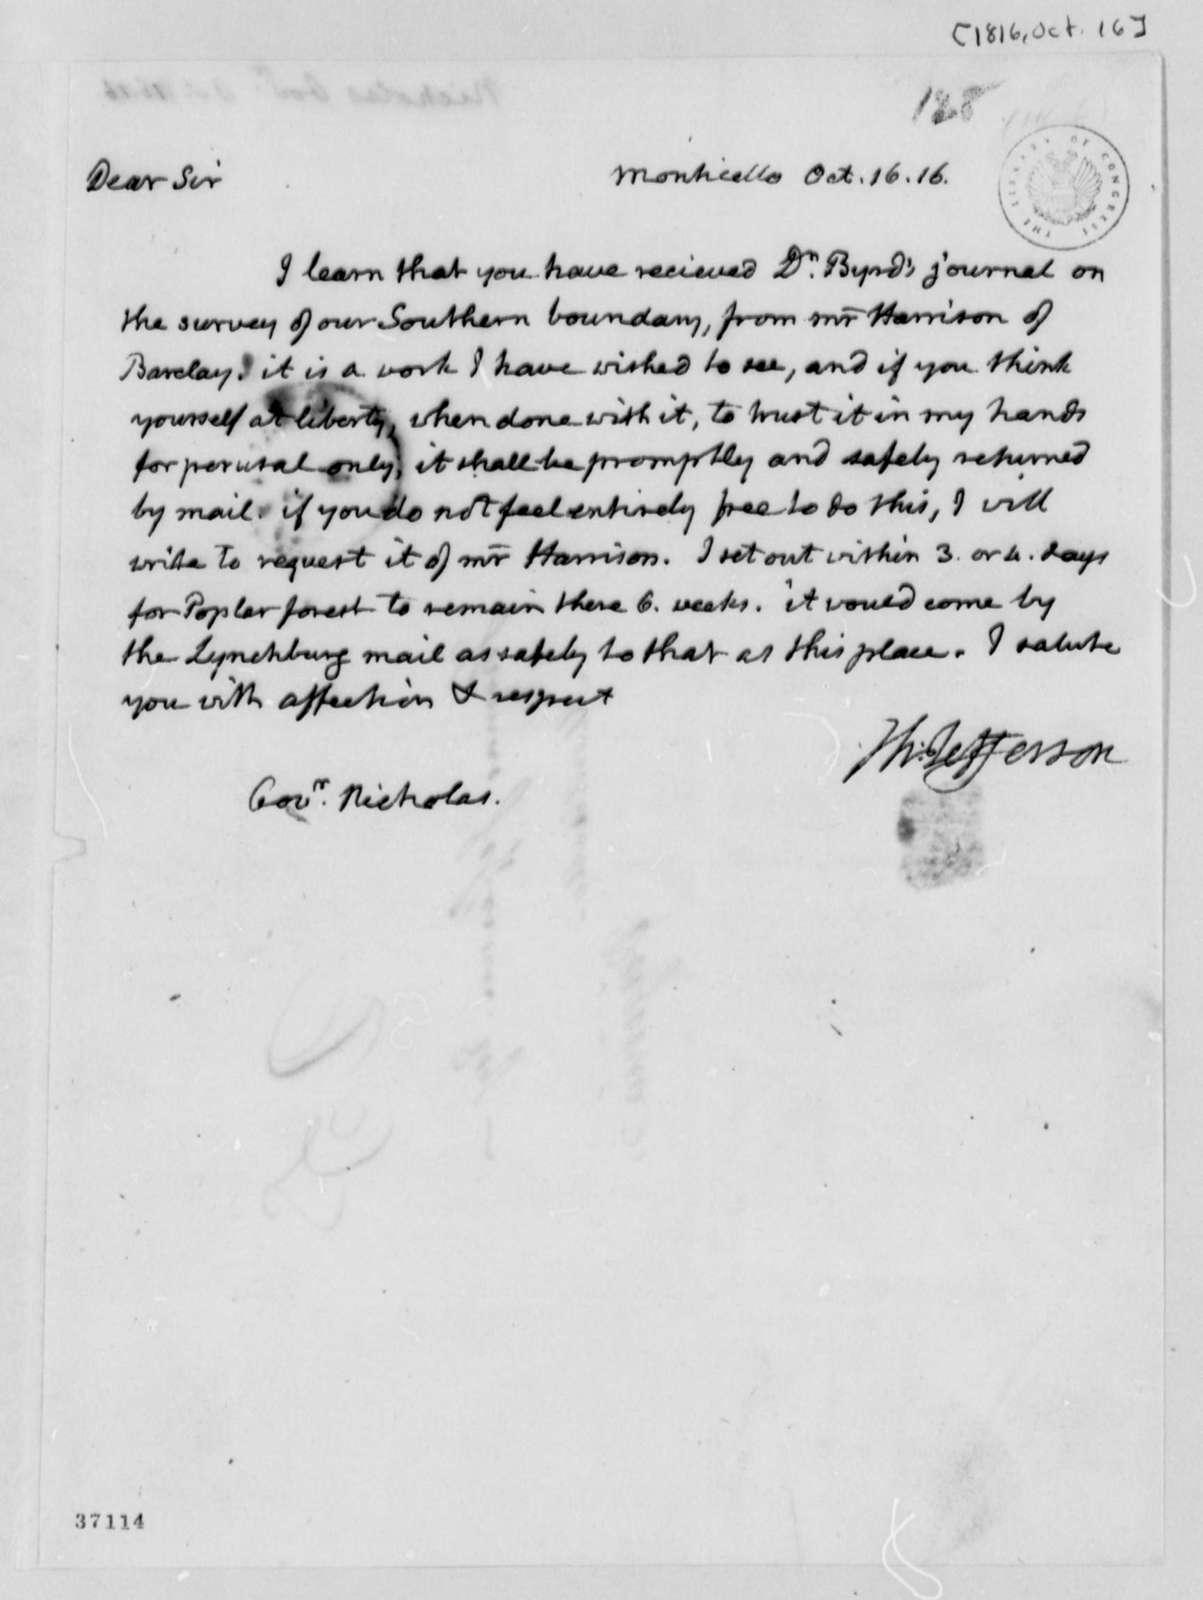 Thomas Jefferson to Wilson Cary Nicholas, October 16, 1816